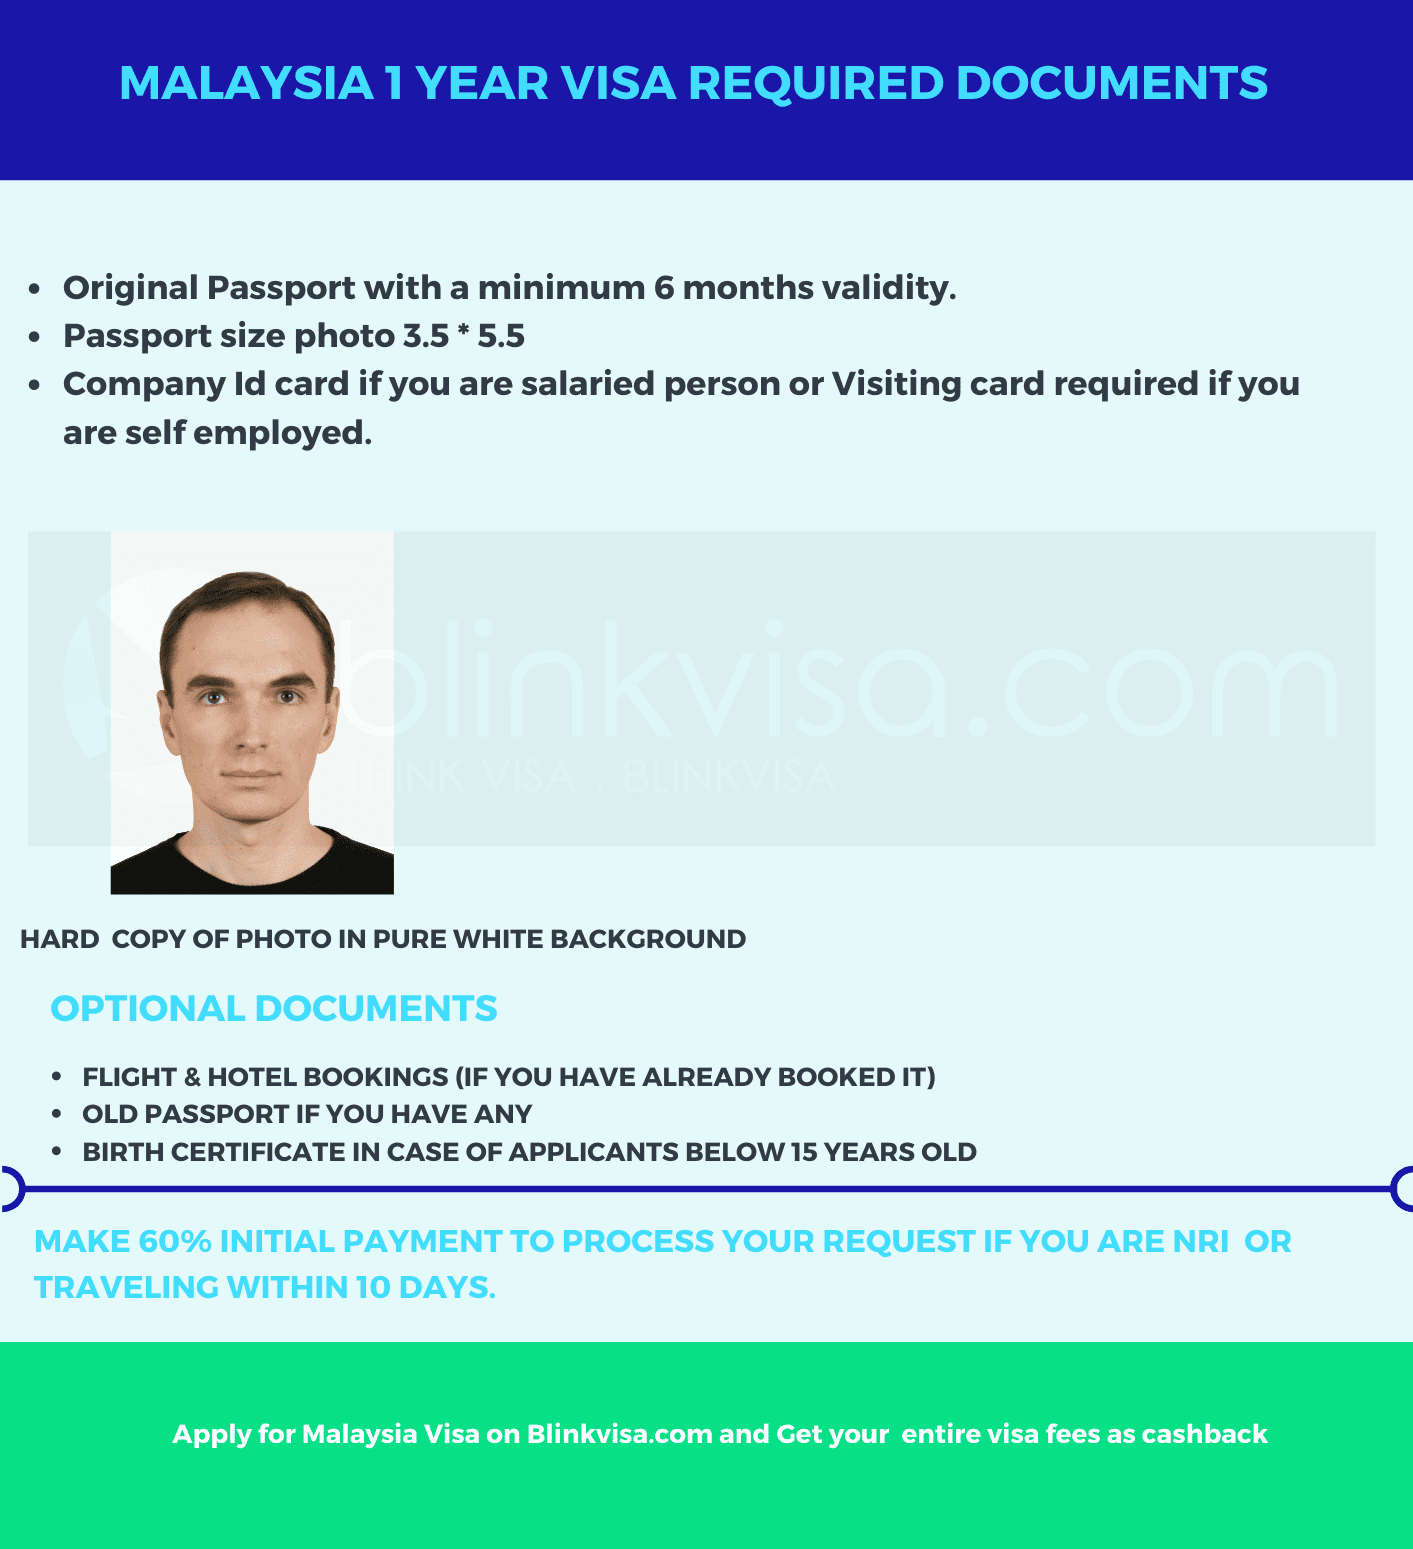 Malaysia 1 Year Visa Requirements